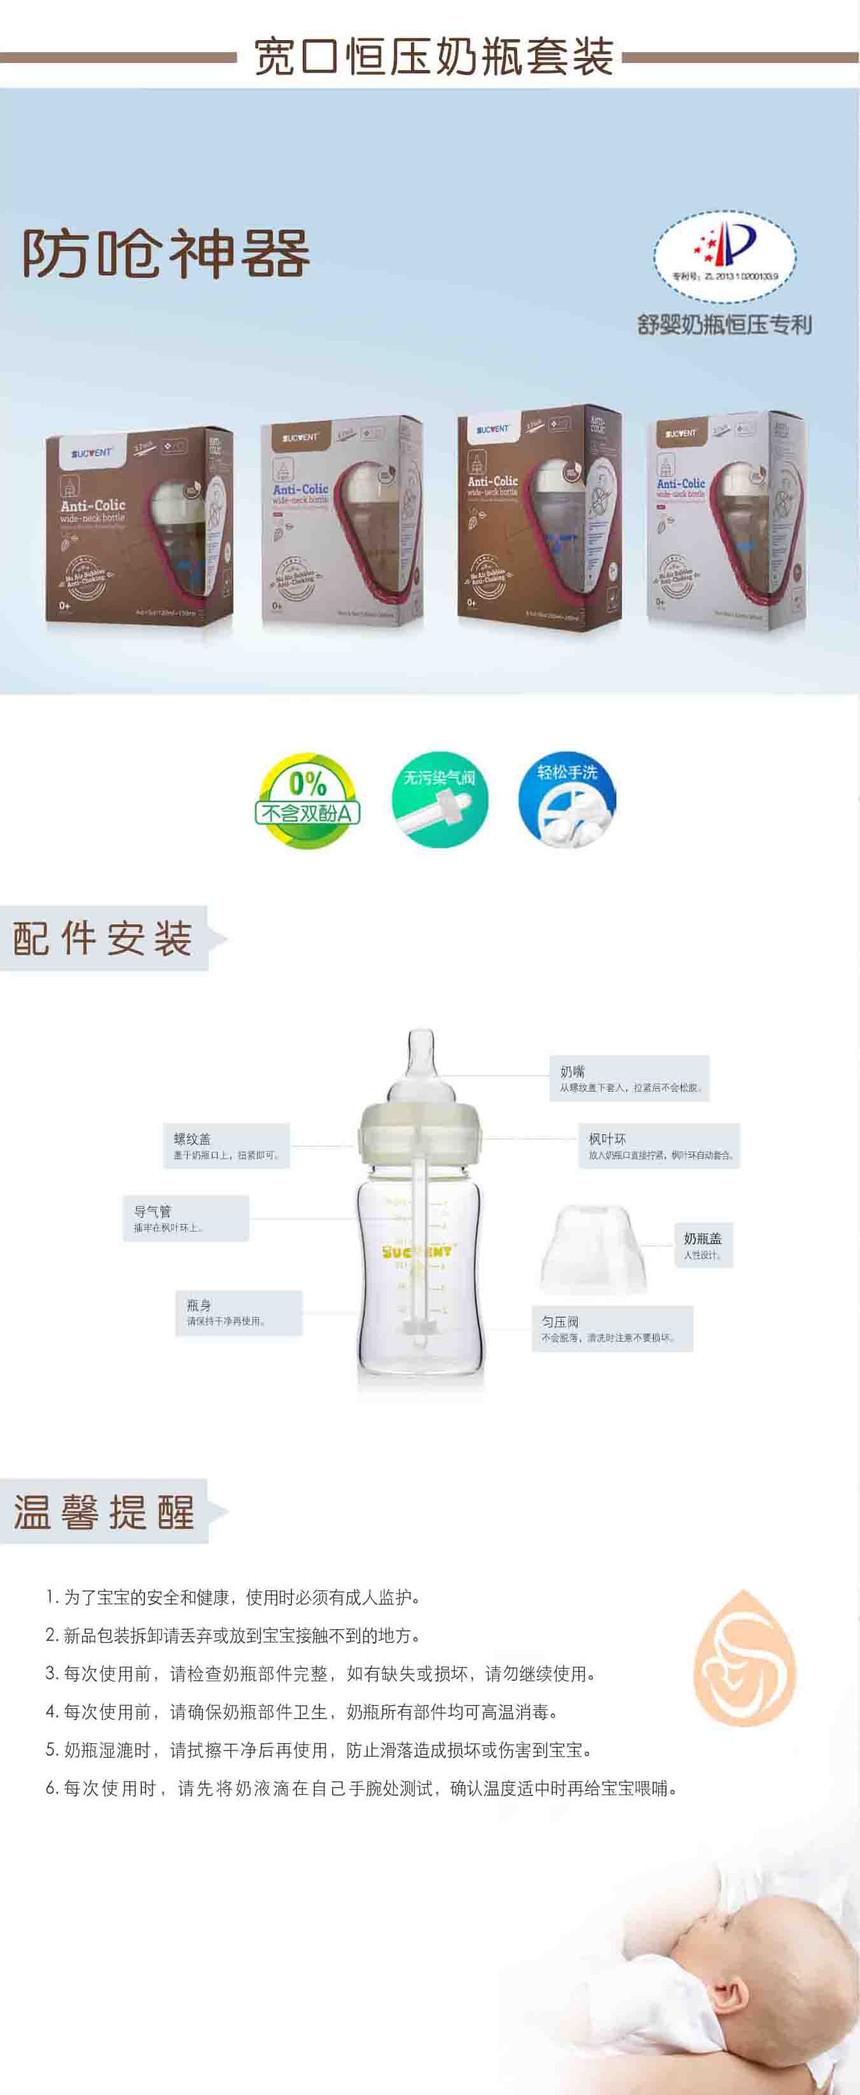 婴儿用品-奶瓶套装.jpg